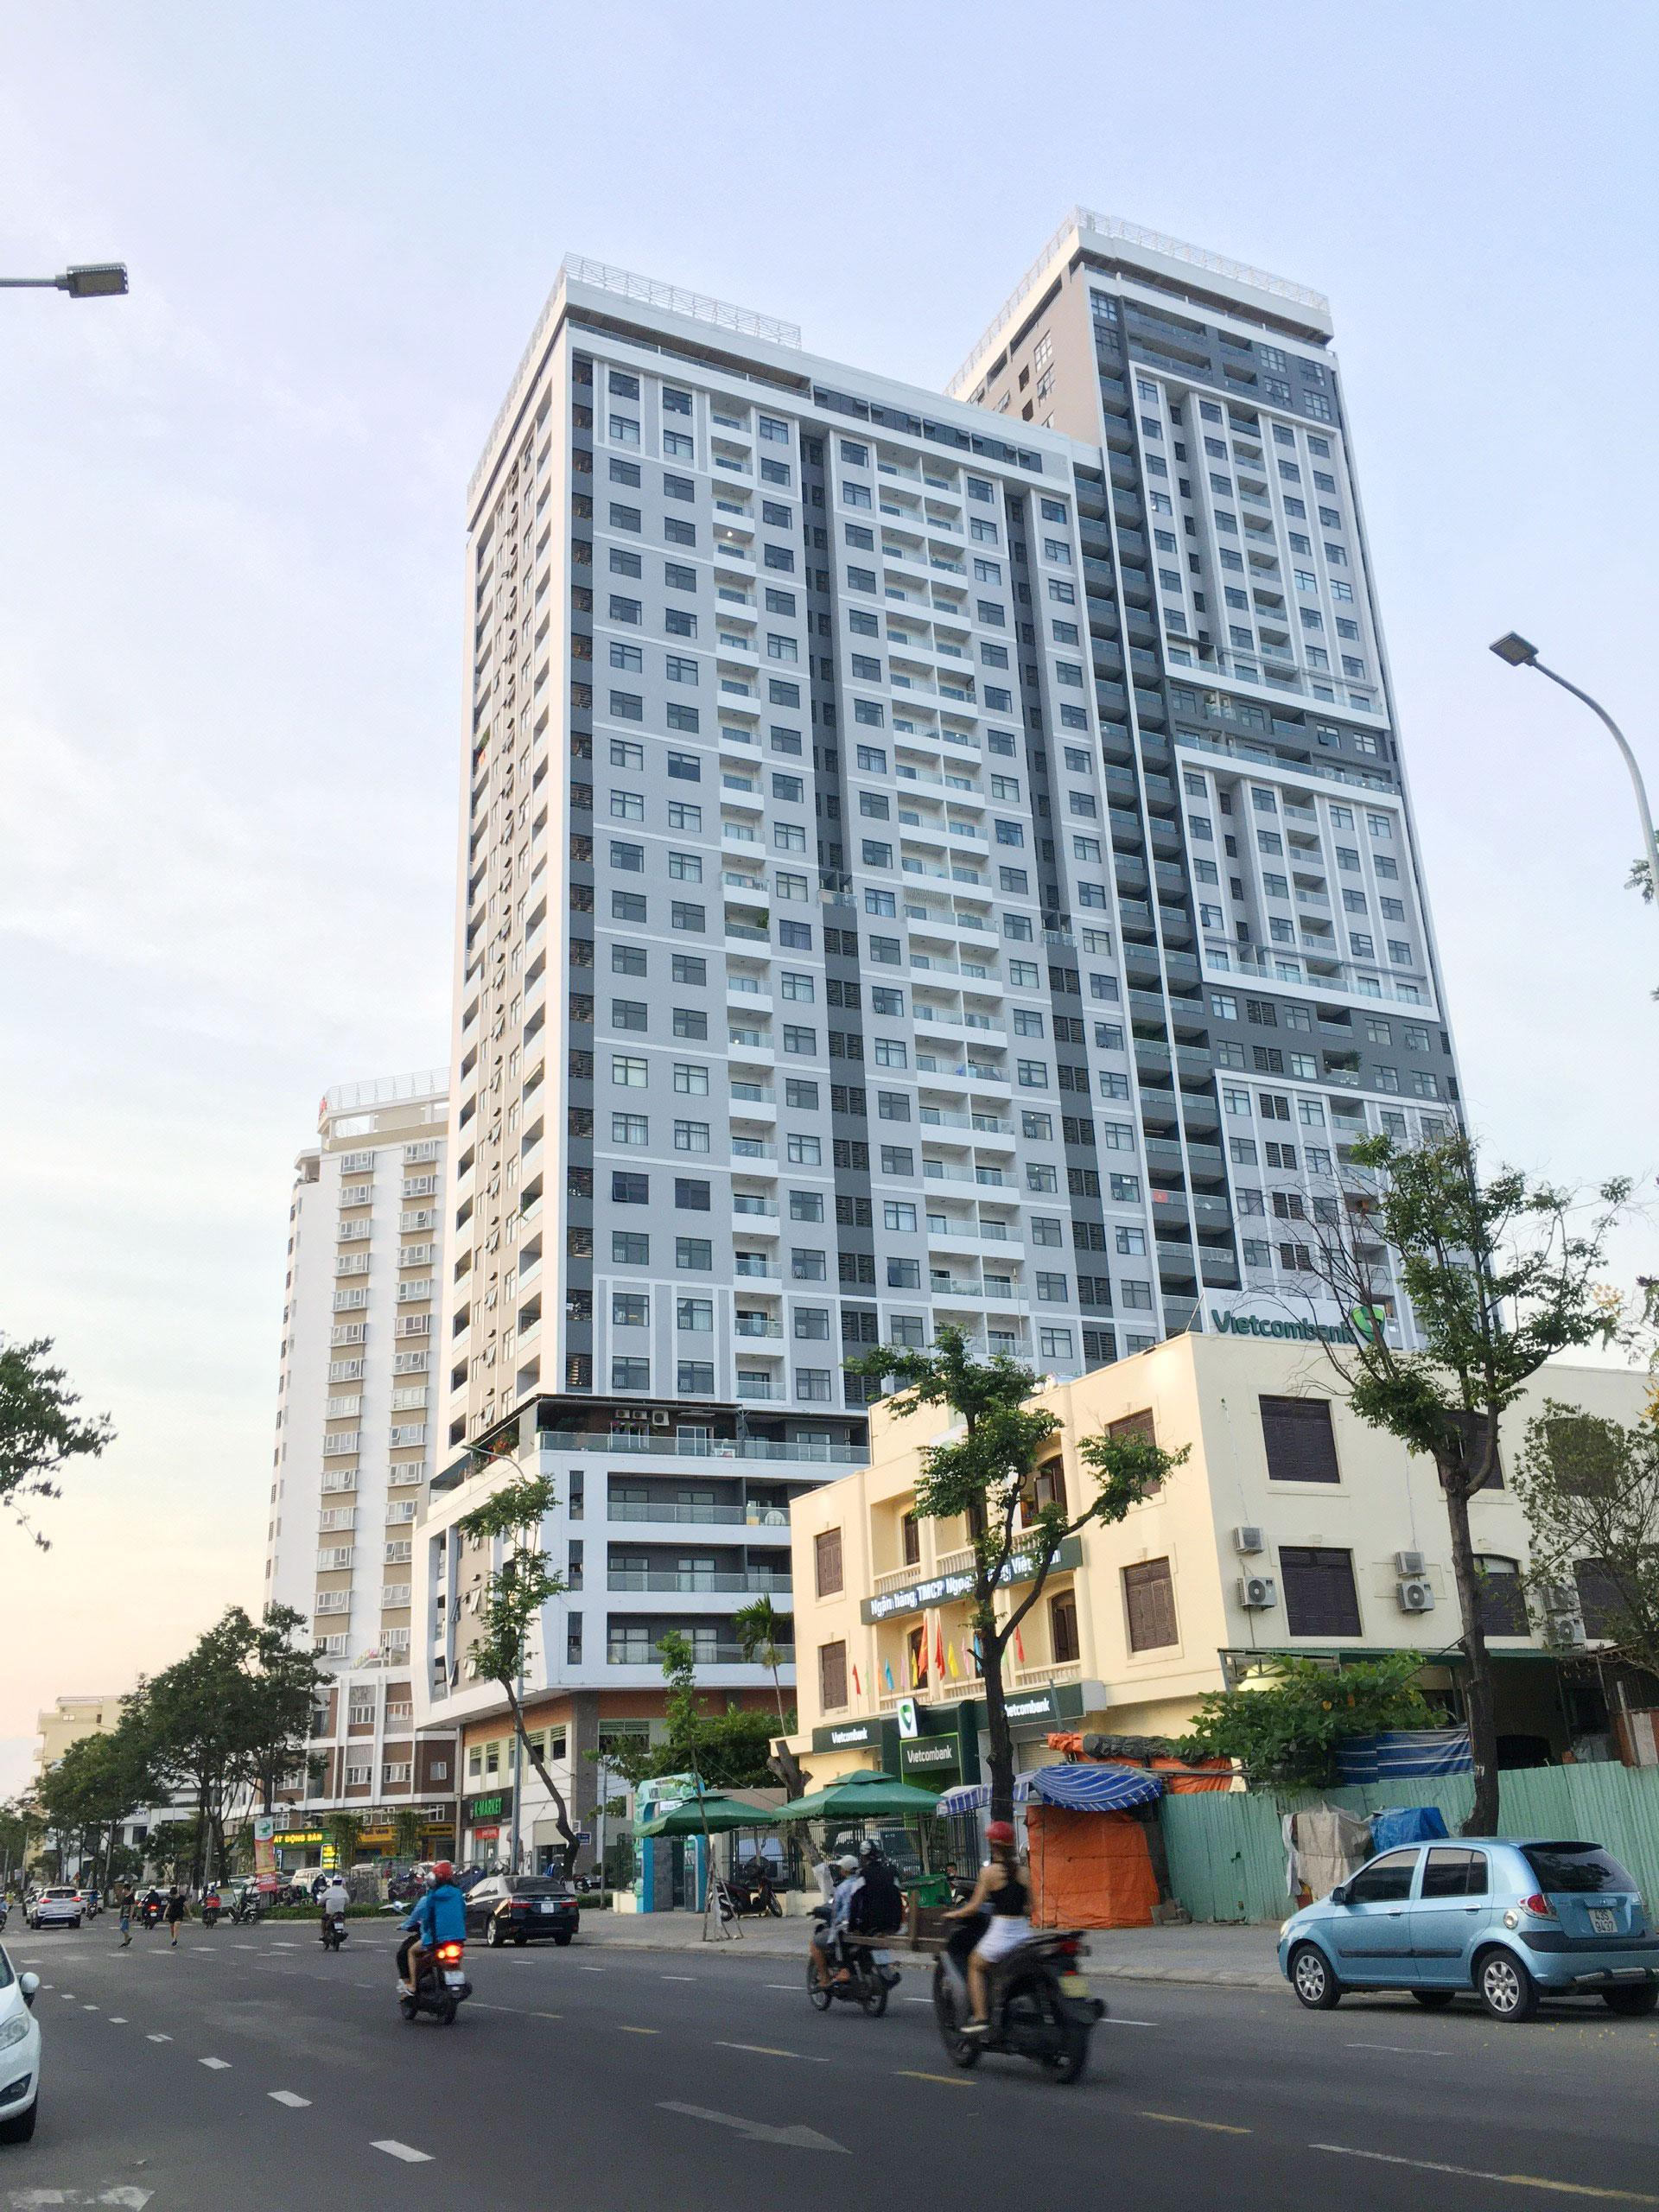 Đề nghị dừng hoạt động chung cư Monarchy Block B của Nhà Đà Nẵng - Ảnh 1.